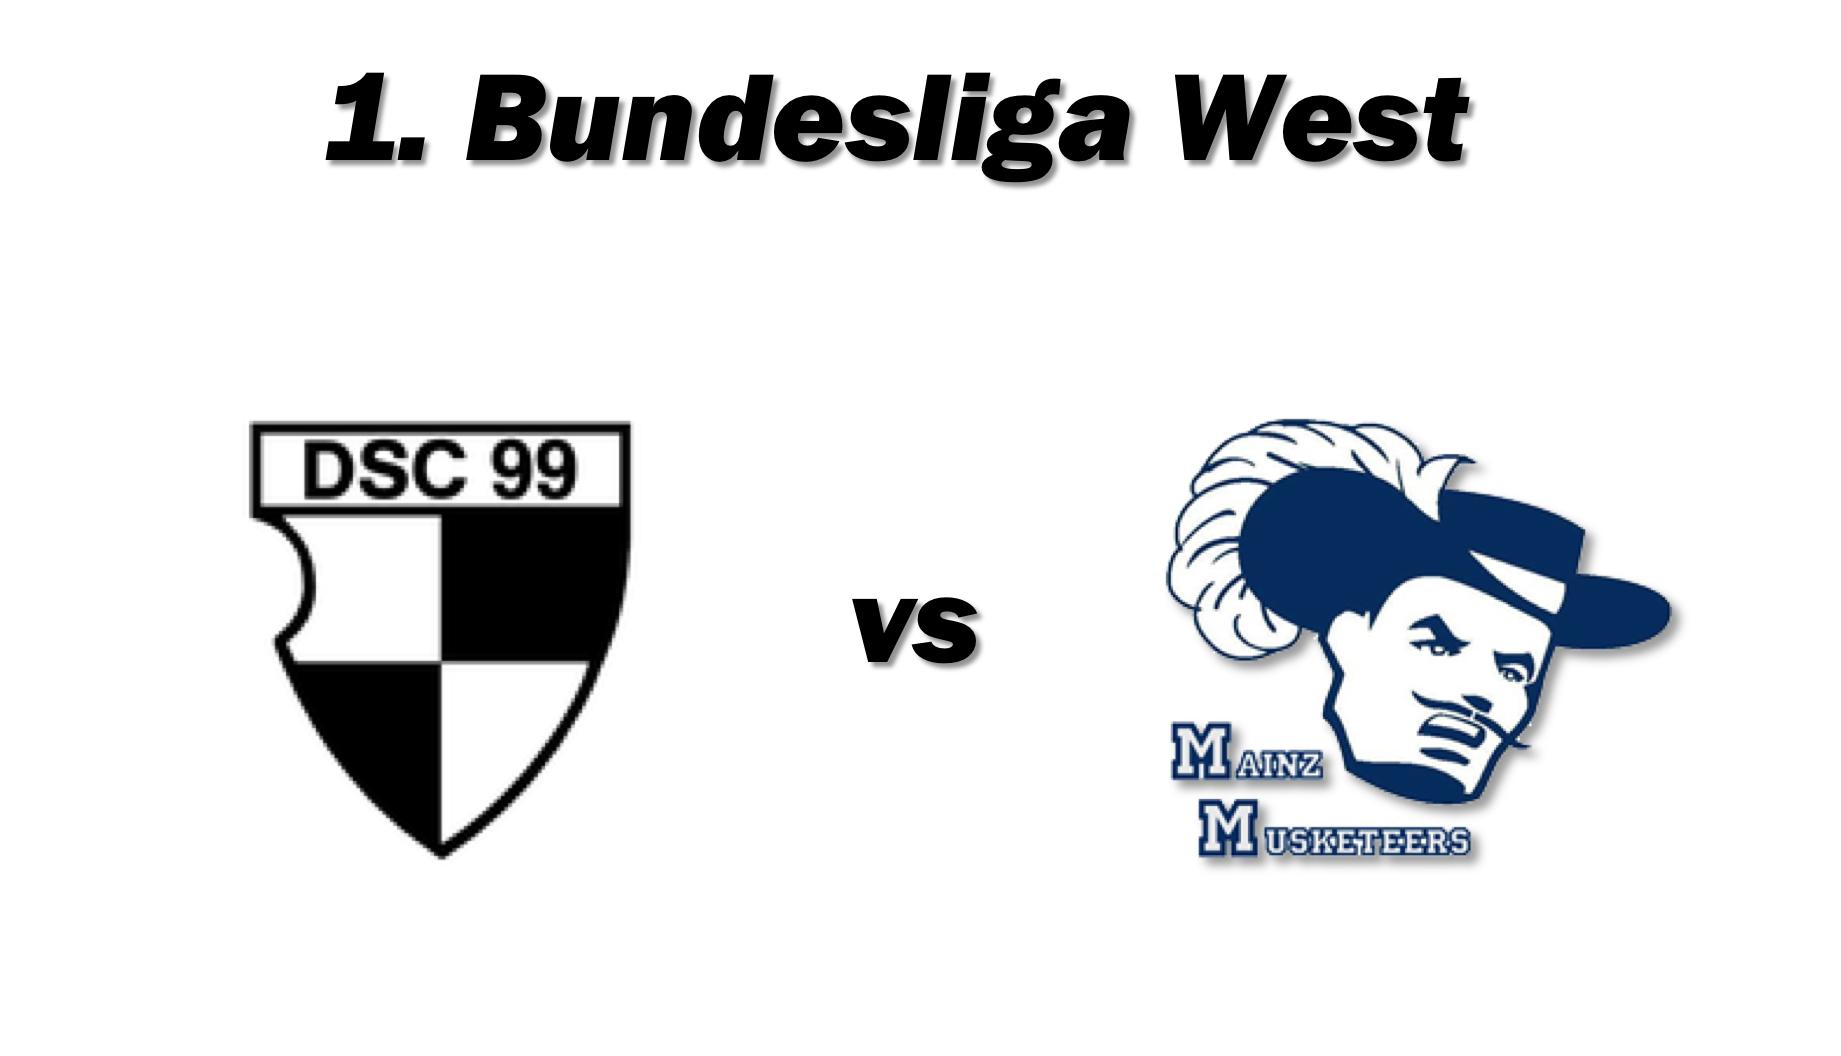 Spannendes Spiel in der Bundesliga West